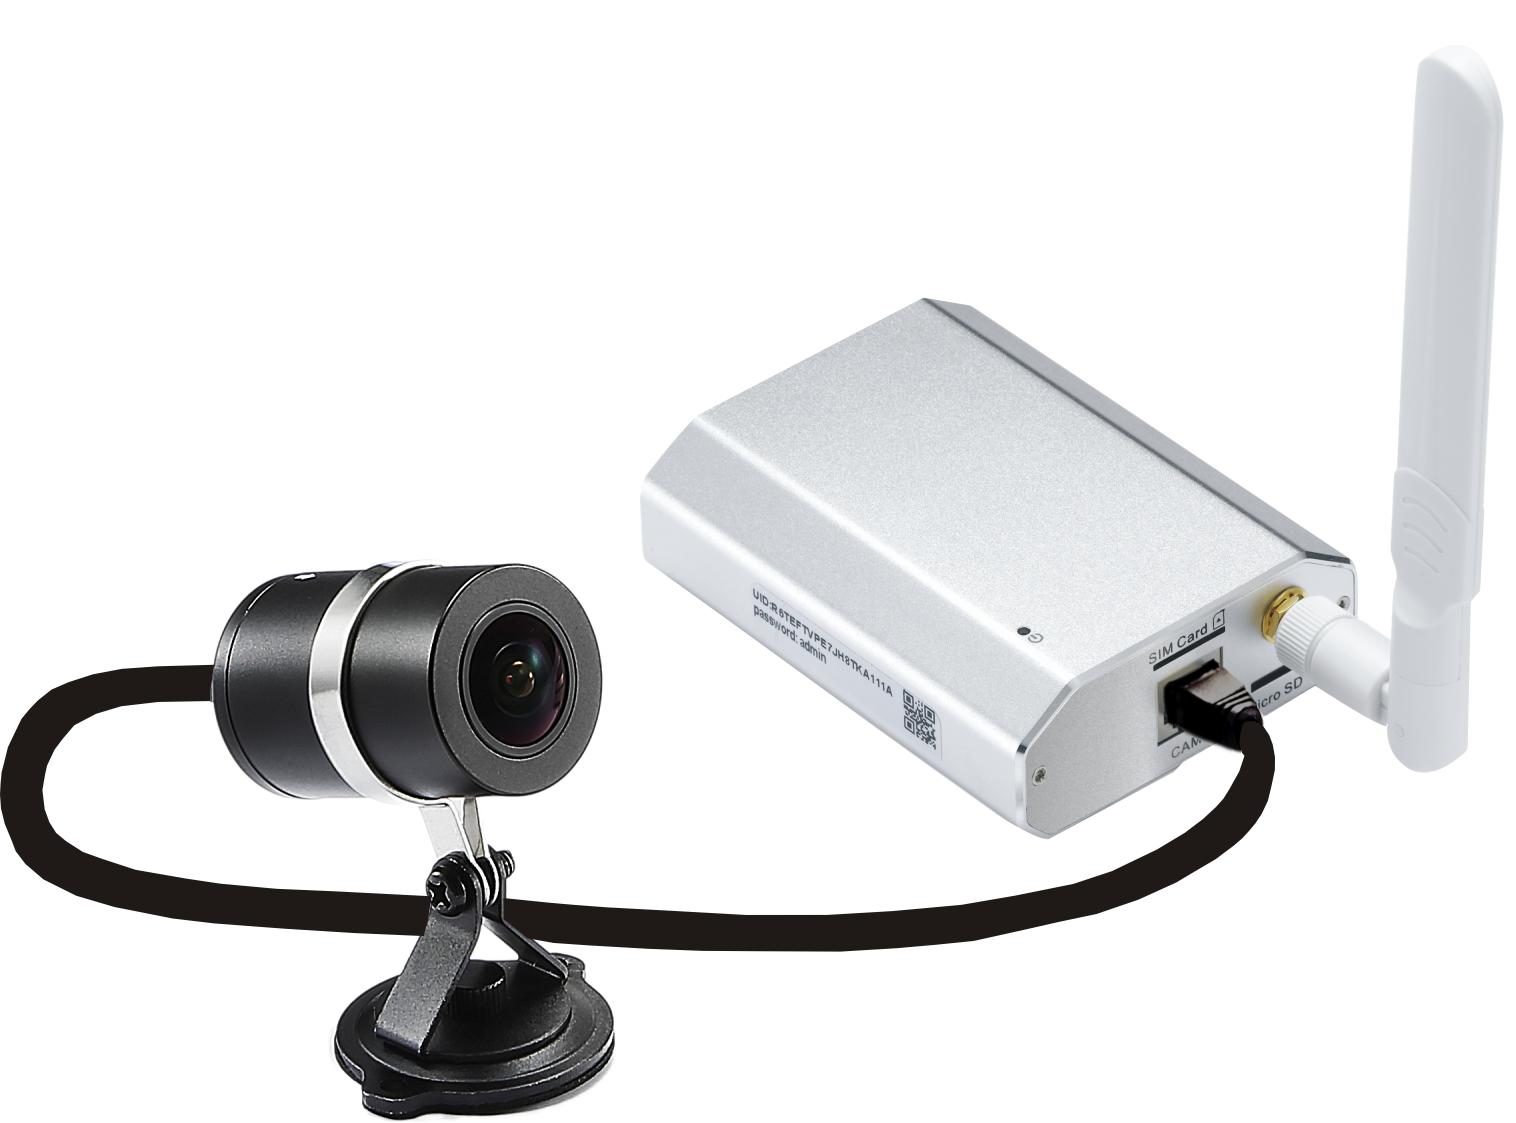 Советы по выбору ip камеры с wifi для домашнего и уличного видеонаблюдения: основные критерии подбора, актуальные модели и нюансы подключения